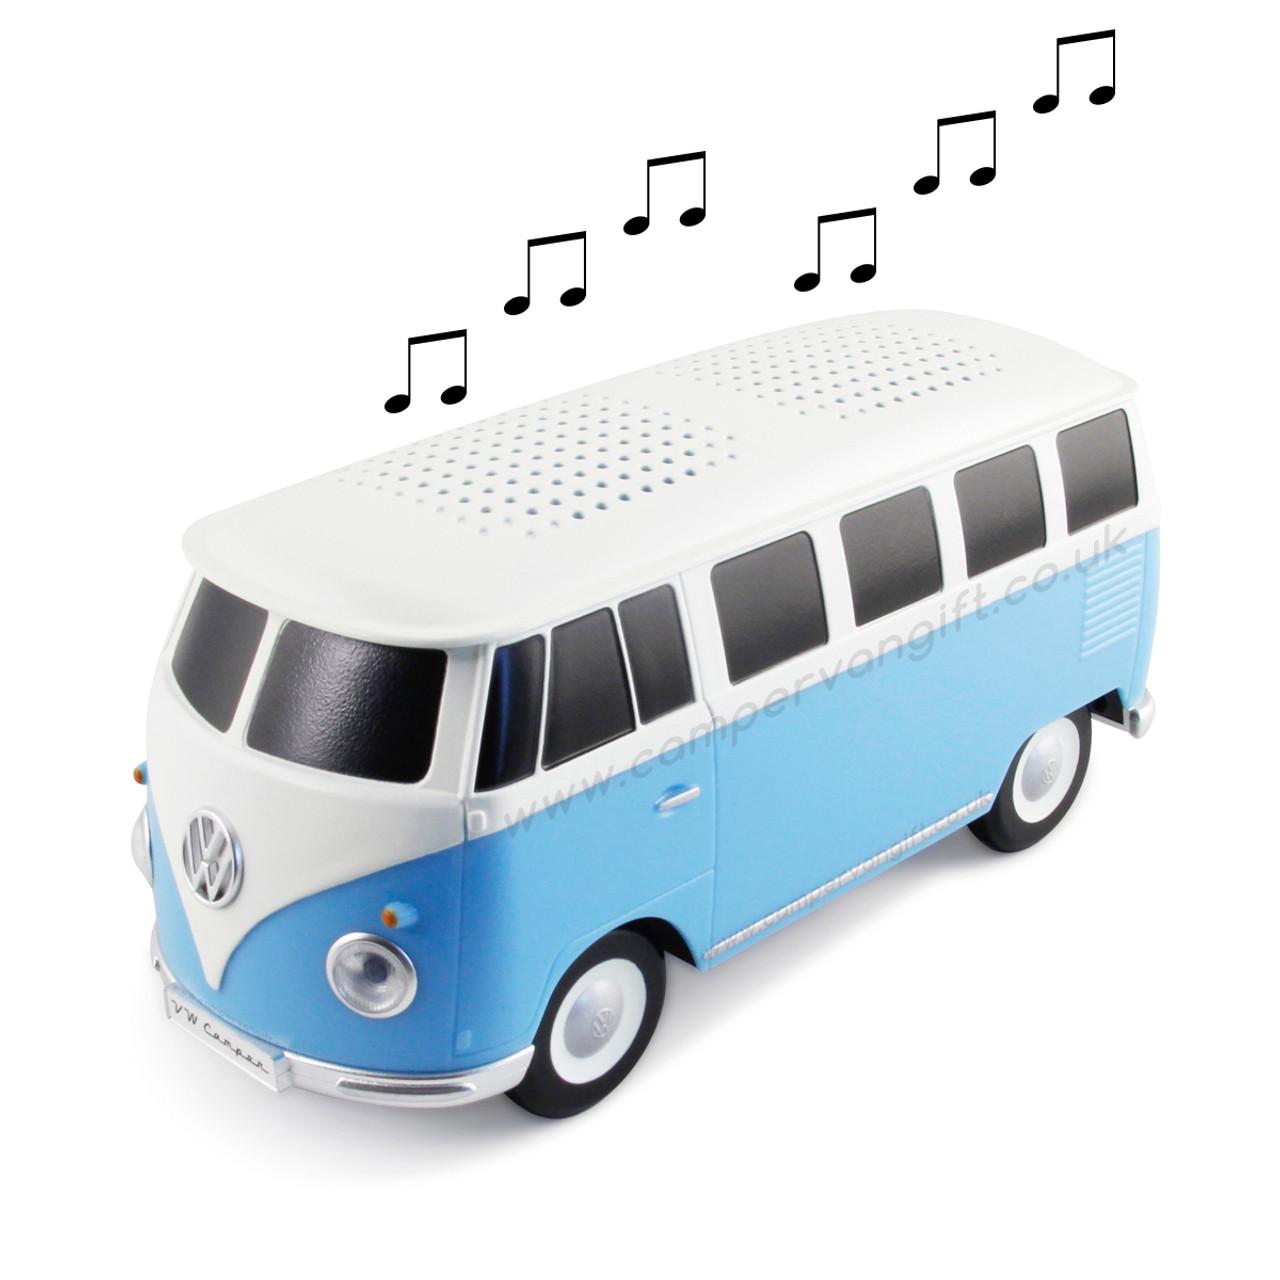 volkswagen bluetooth speaker